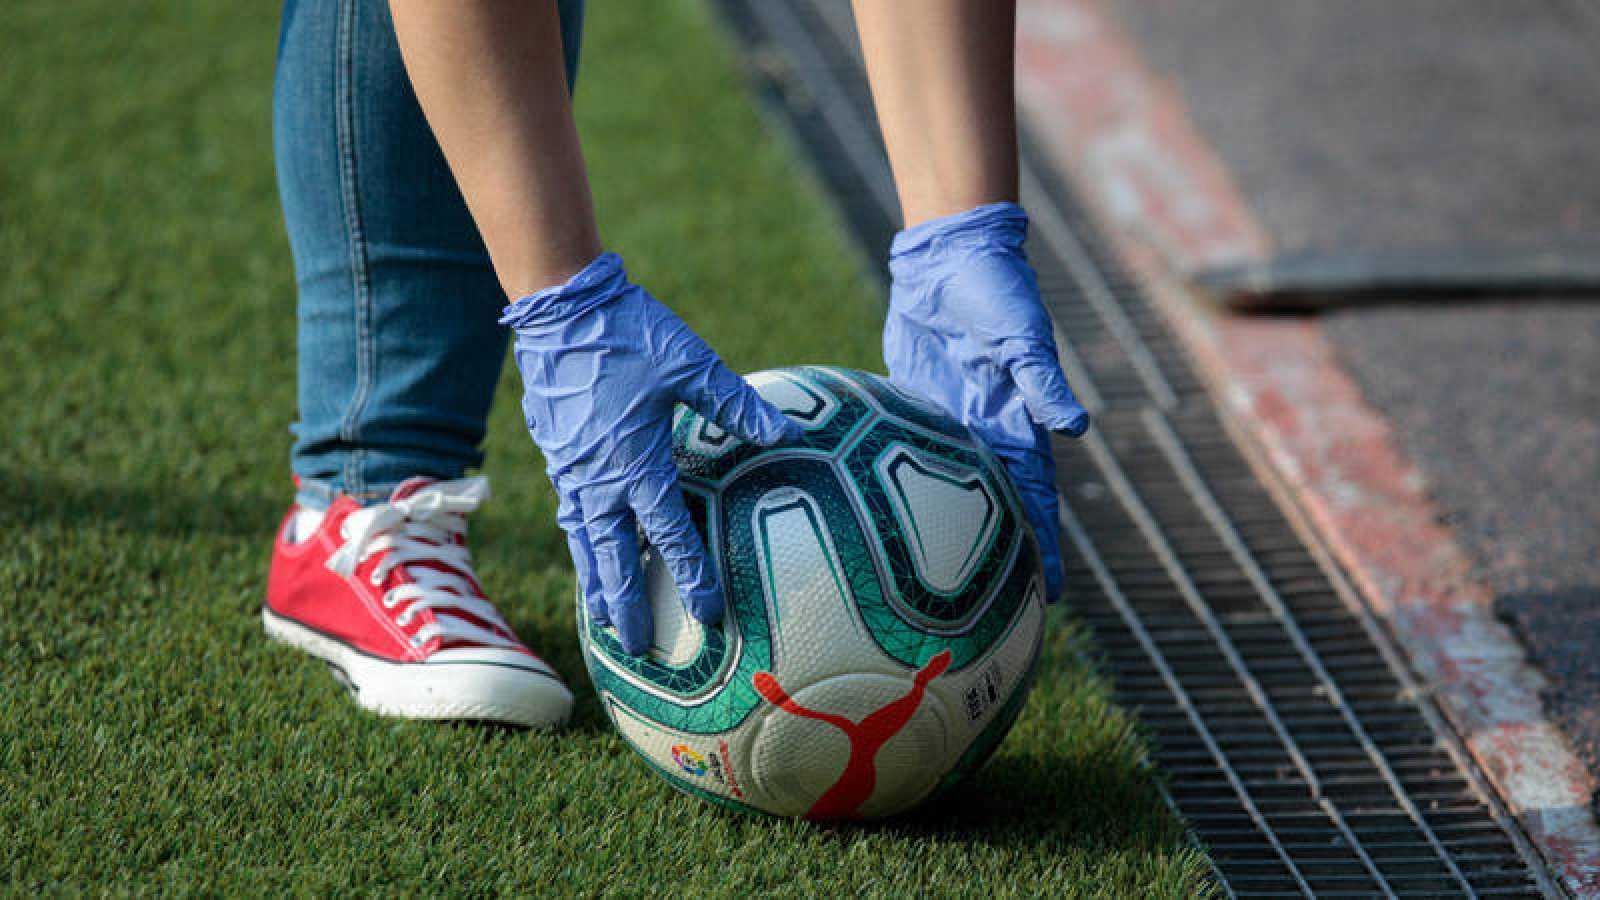 Una persona toca con guantes sanitarios en las manos toca un balón de la Liga